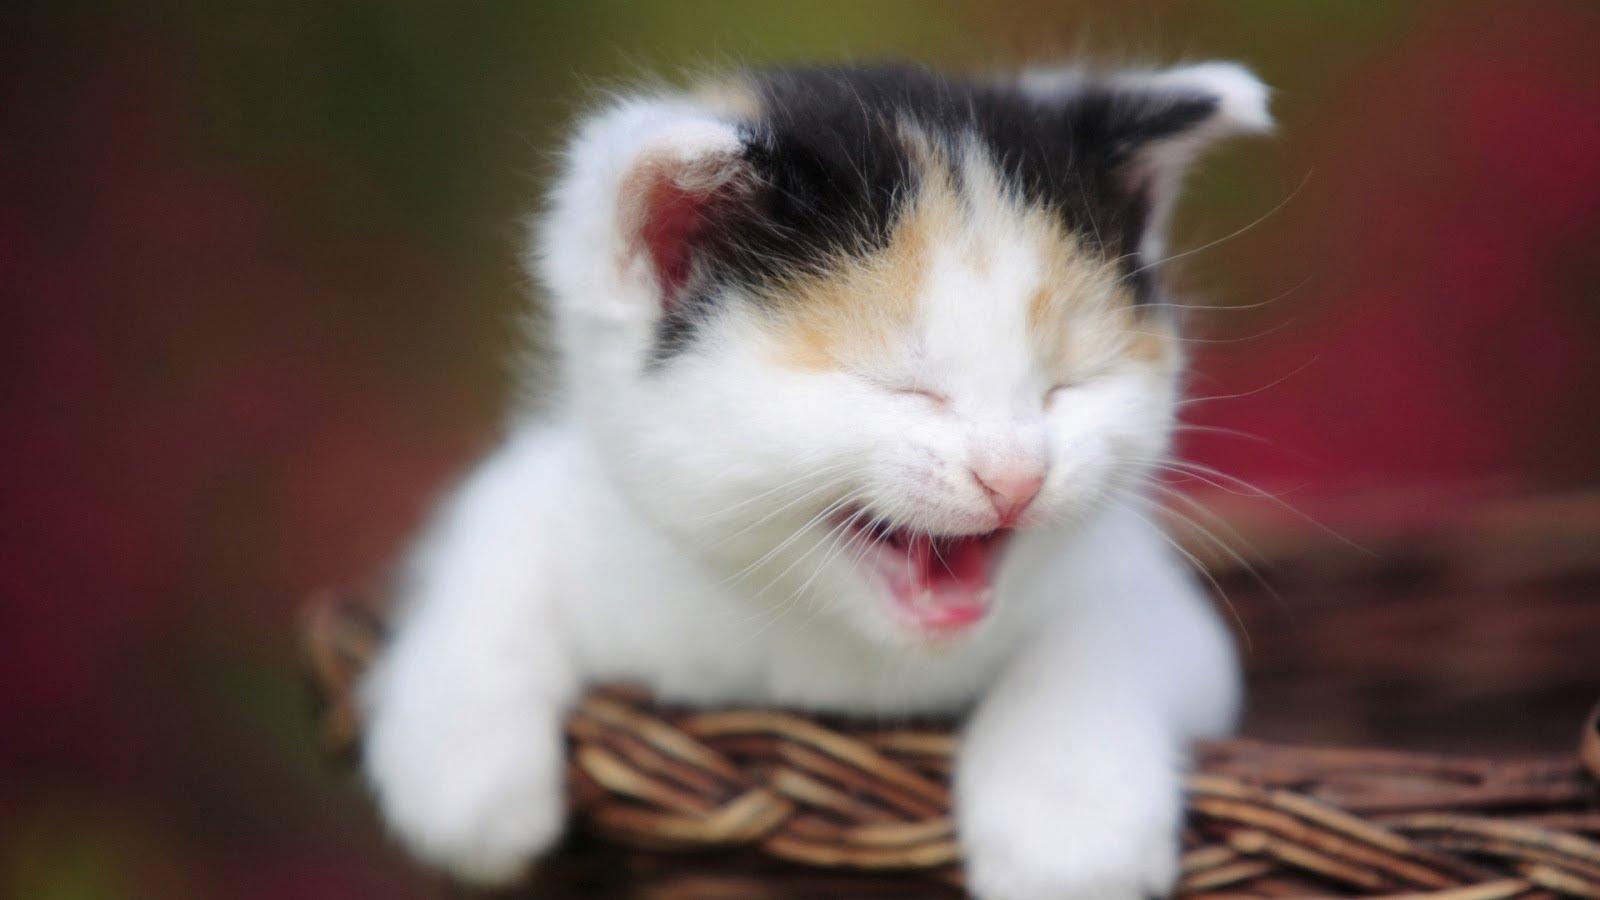 صورة اجمل الصور للقطط في العالم , لعشاق القطط اليك اجمل صور للقطط بجميع انواعها 1367 7